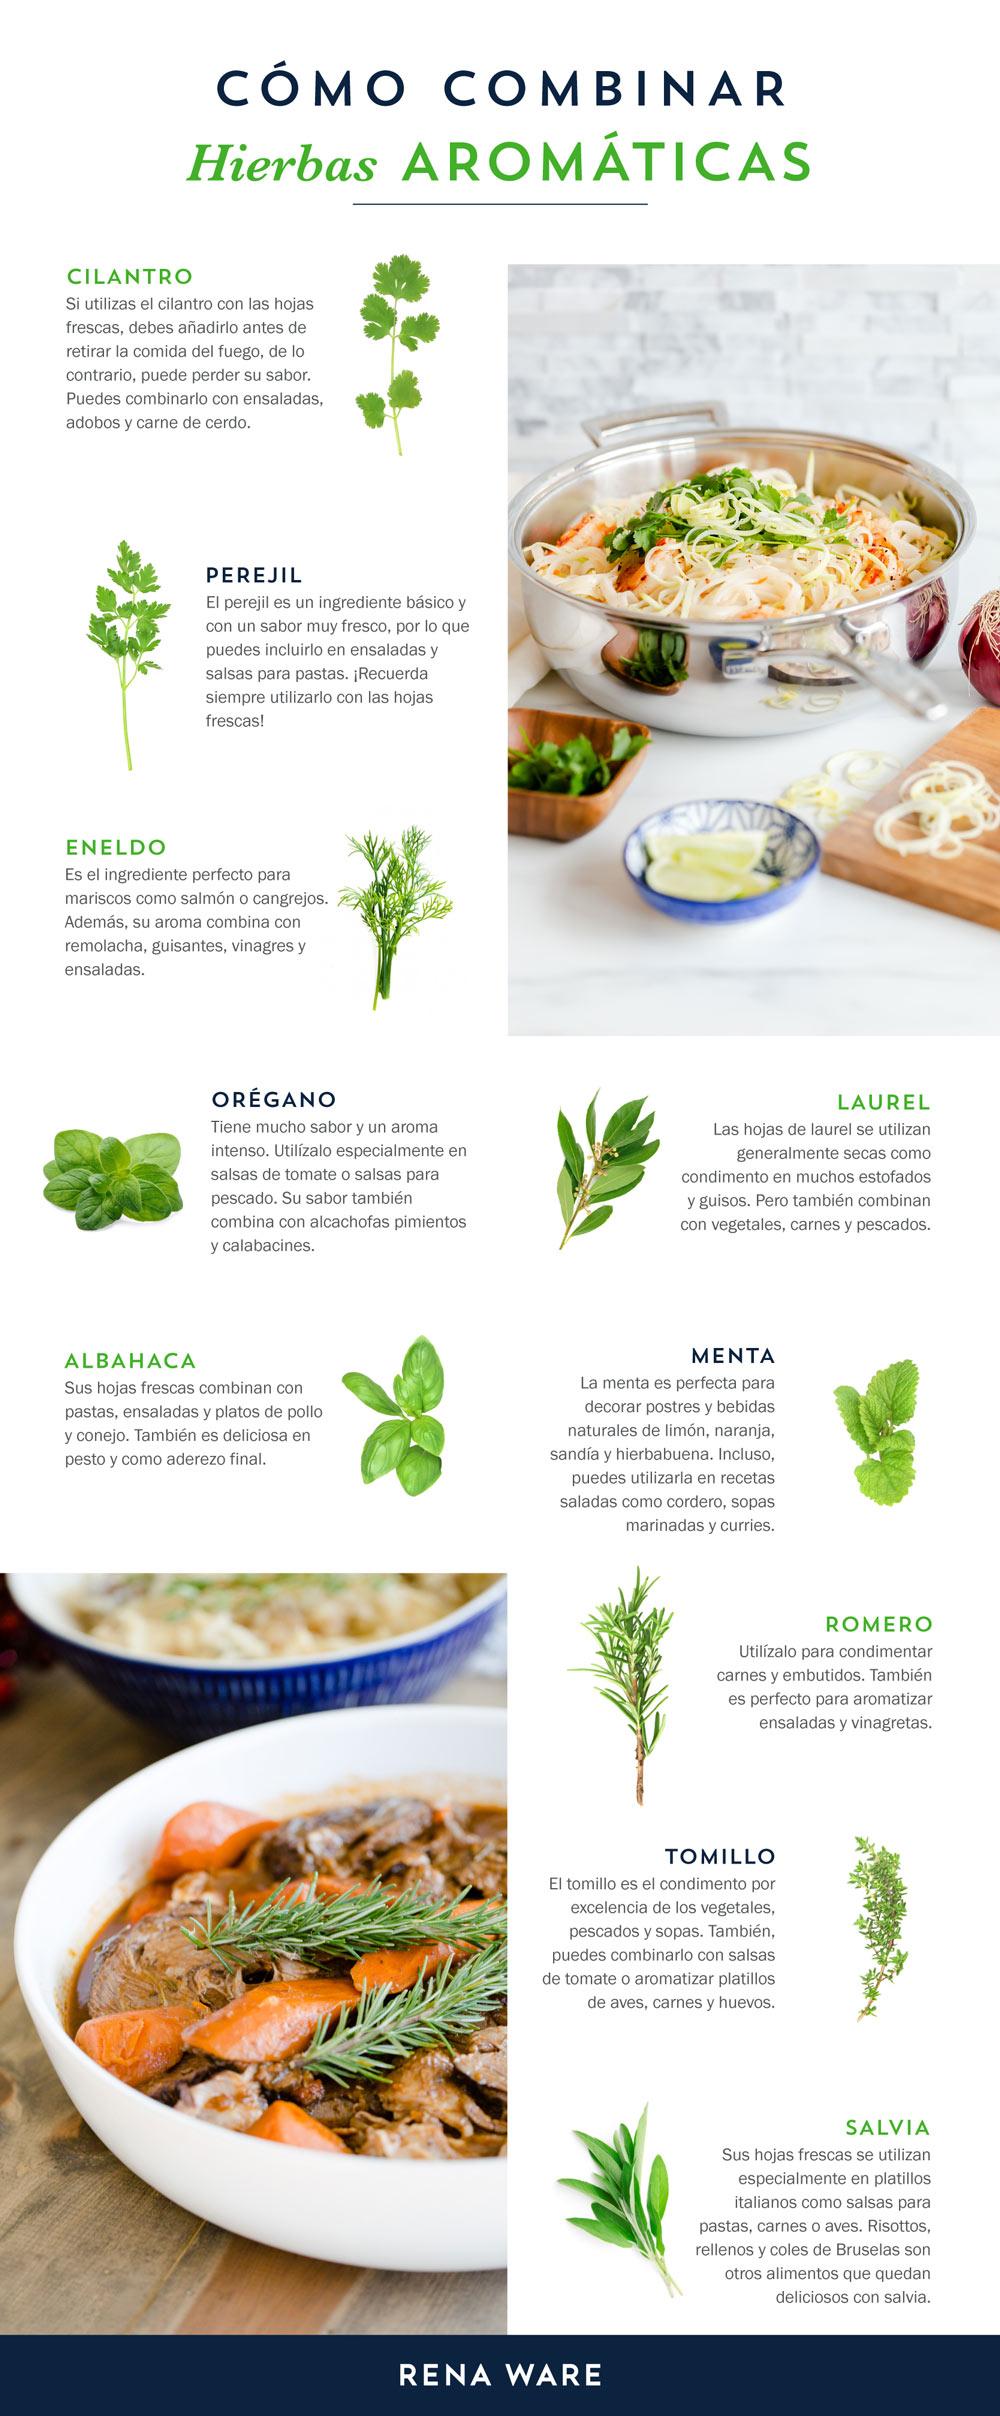 Cómo combinar hierbas aromáticas